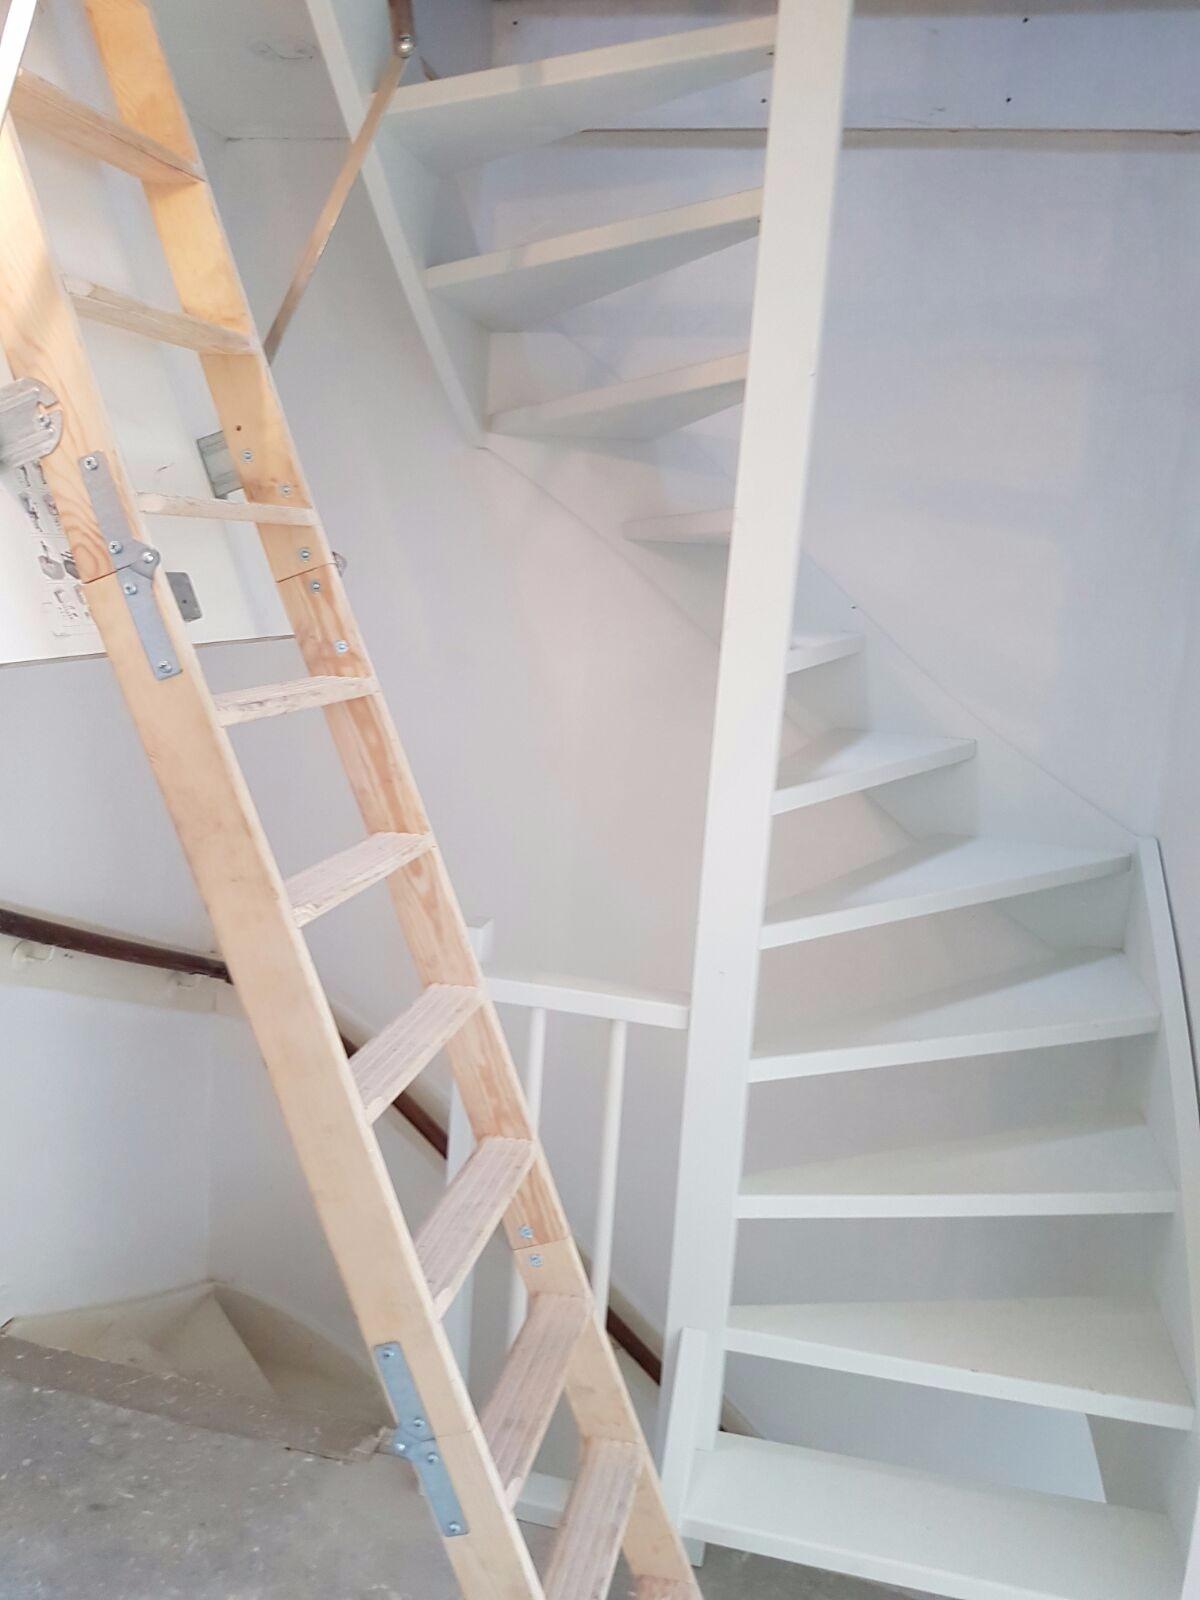 Vaste trap naar zolder maken kosten 100 images vaste trap naar zolder almelo trappen - Zolder stelt fotos aan ...